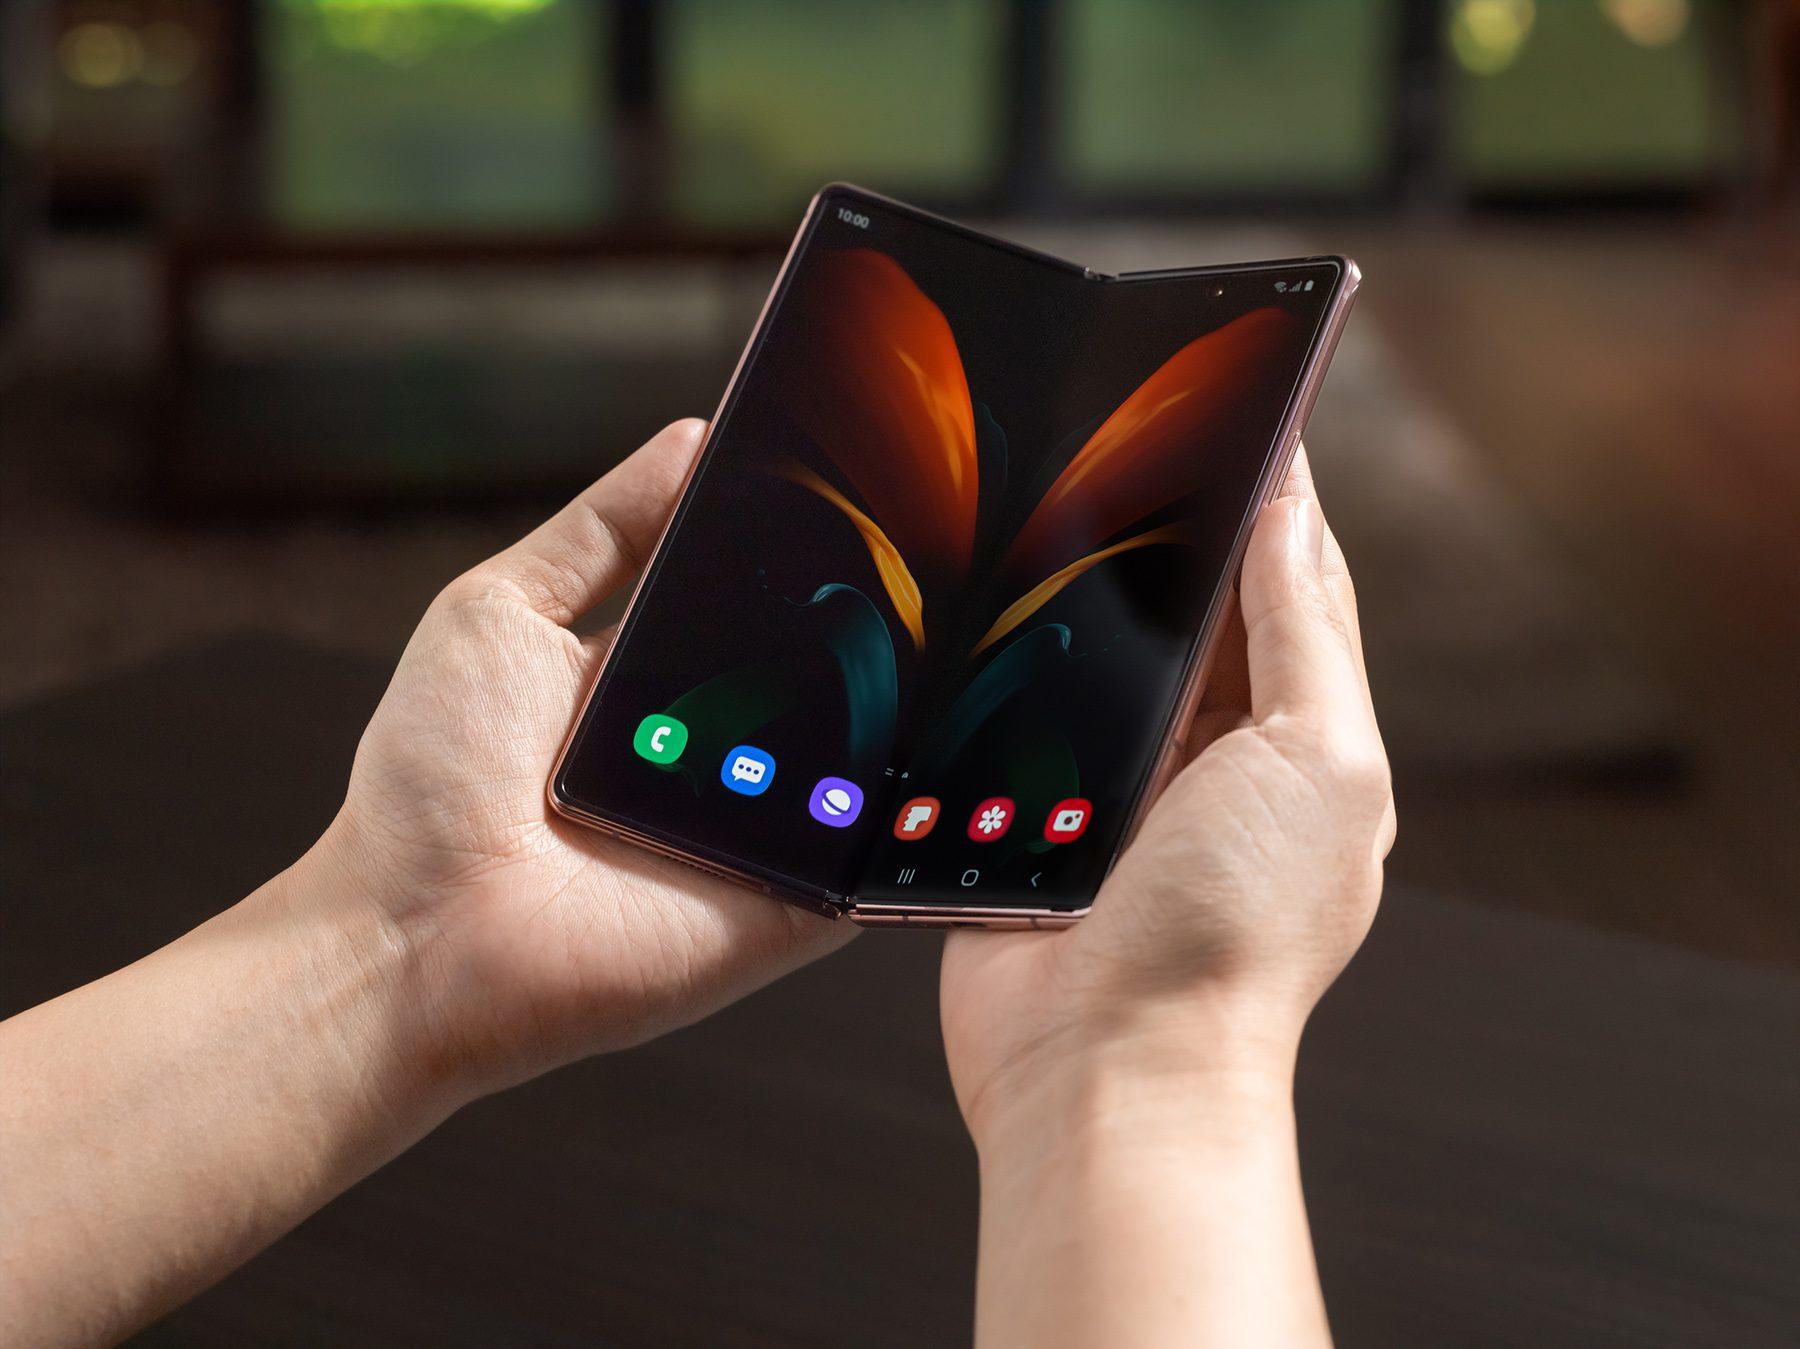 Следующее мероприятие Samsung Galaxy Unpacked может состояться 11 августа